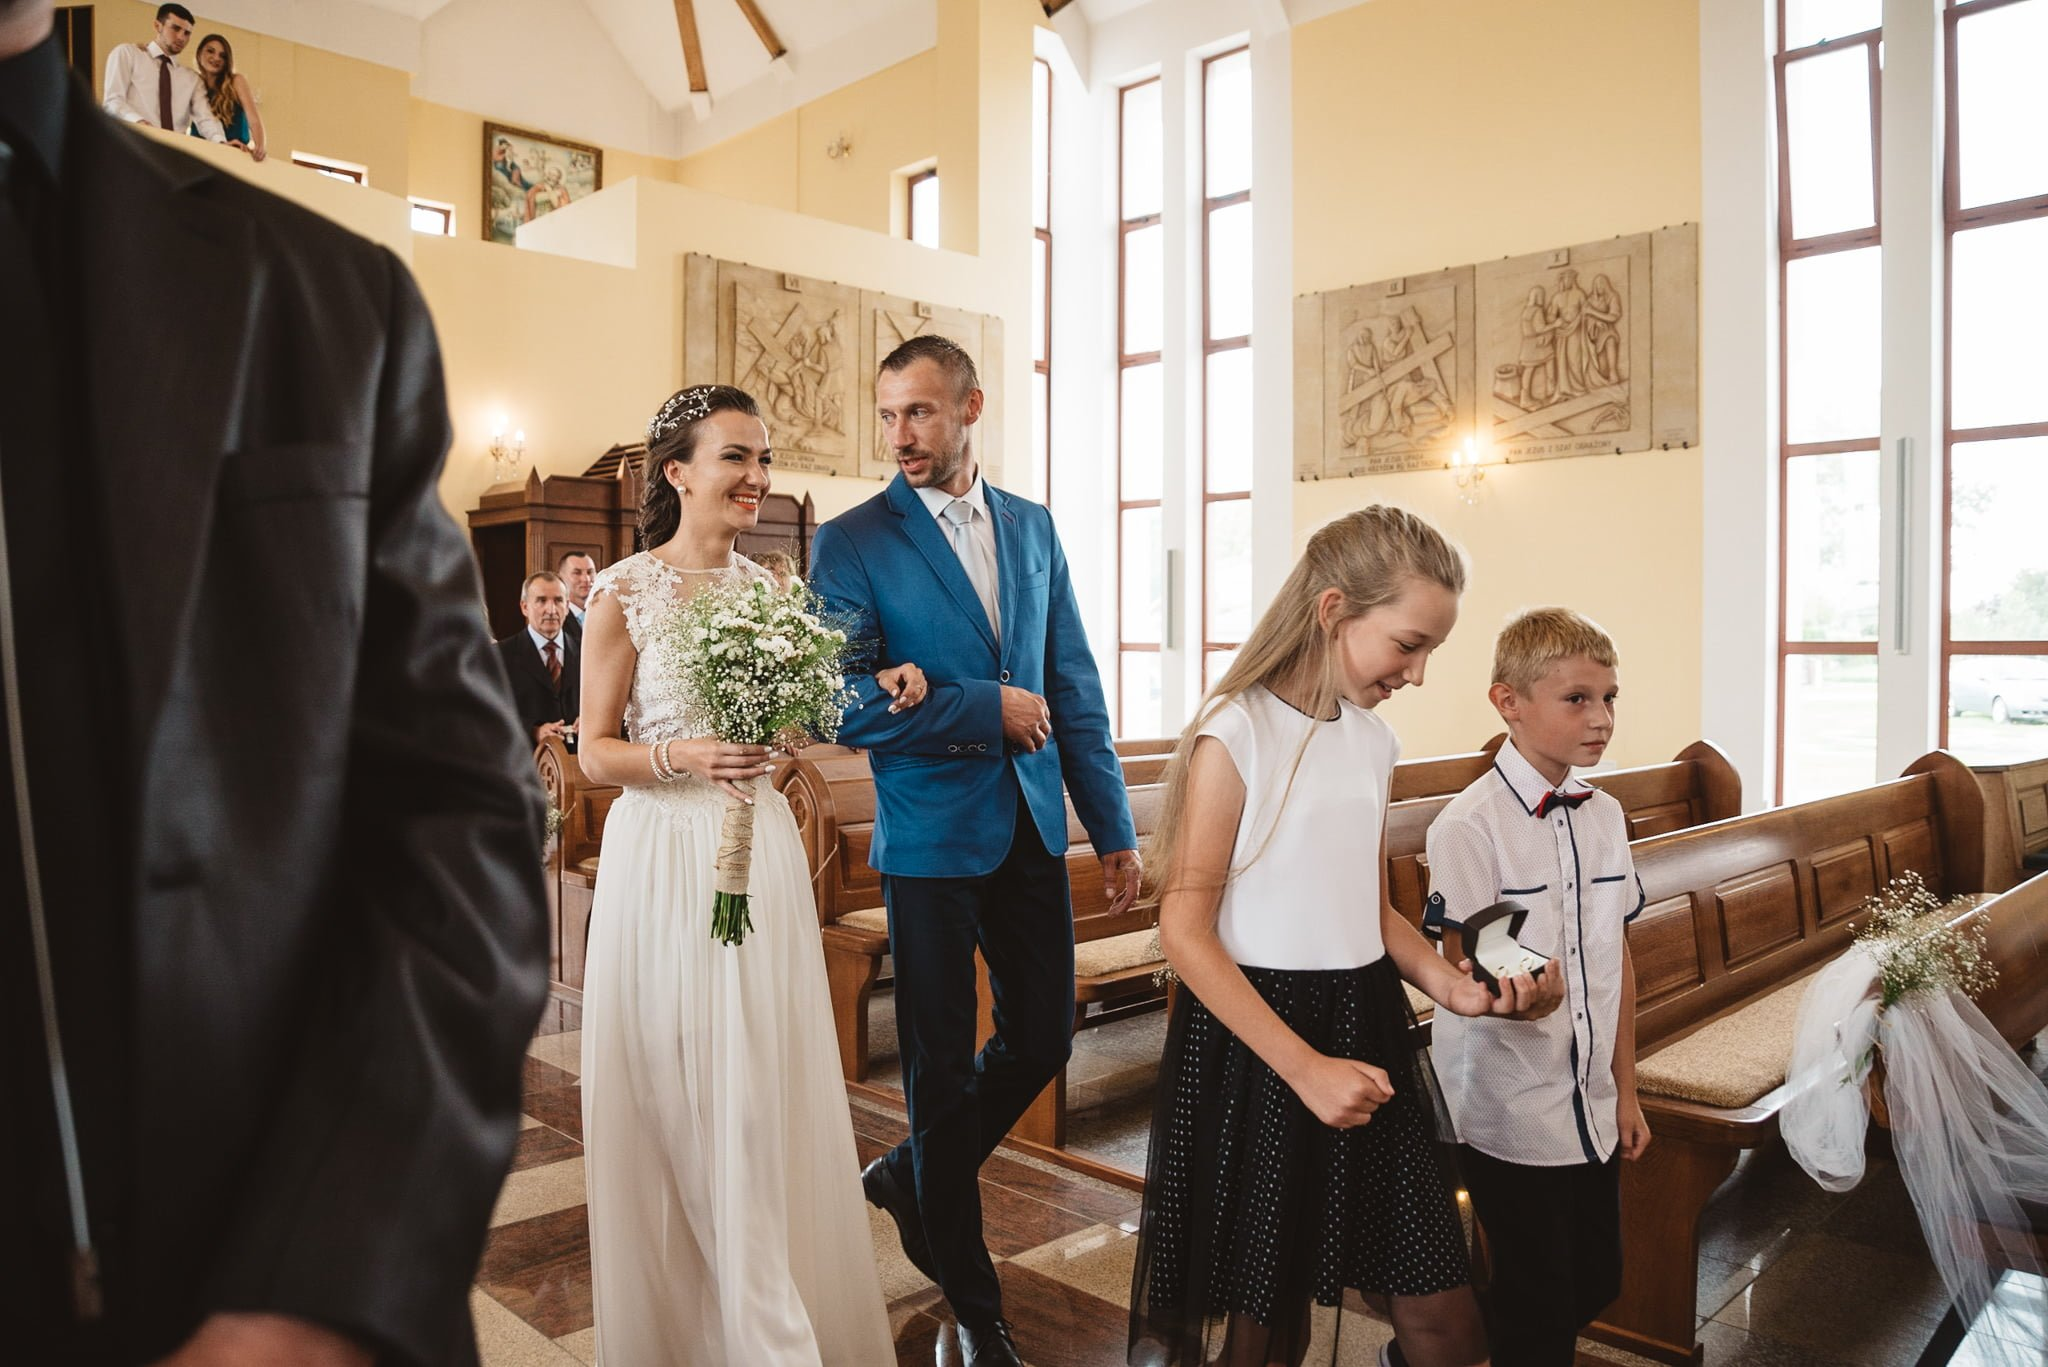 Ala i Arek, czyli jak zorganizować ślub i wesele w 4 tygodnie! 69